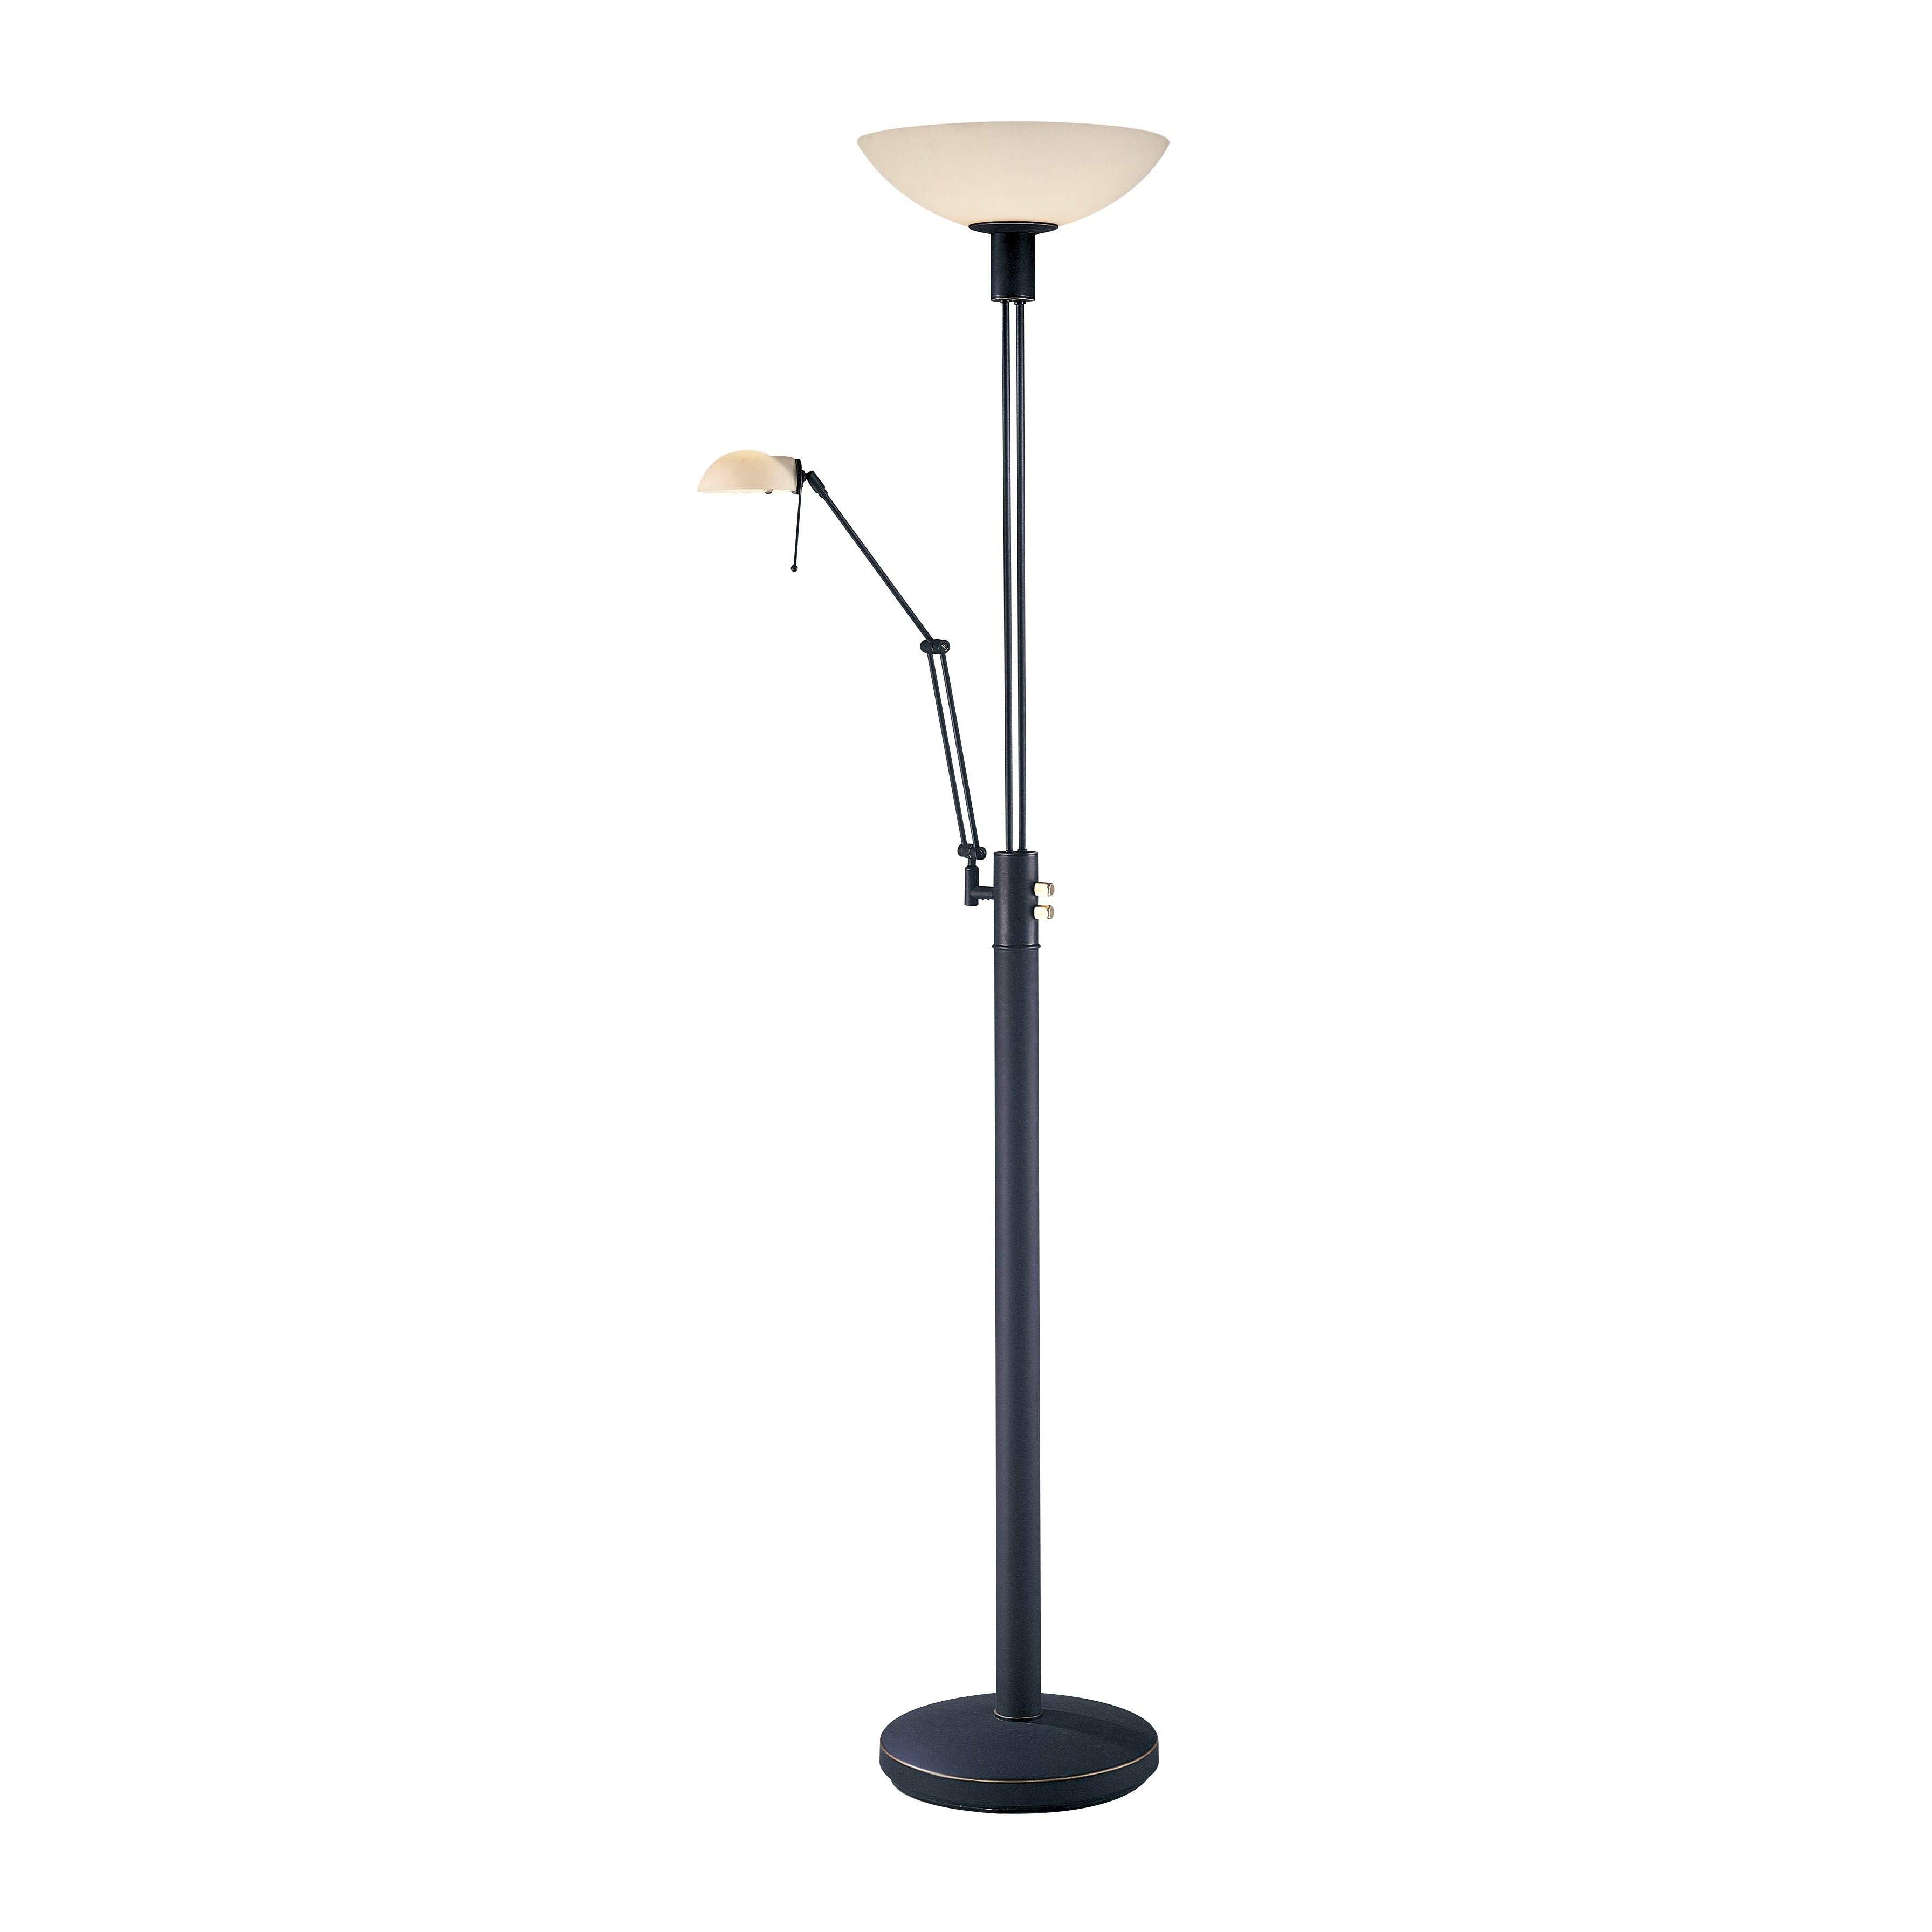 lighting lamps modern floor lamps george kovacs sku gkv1129. Black Bedroom Furniture Sets. Home Design Ideas